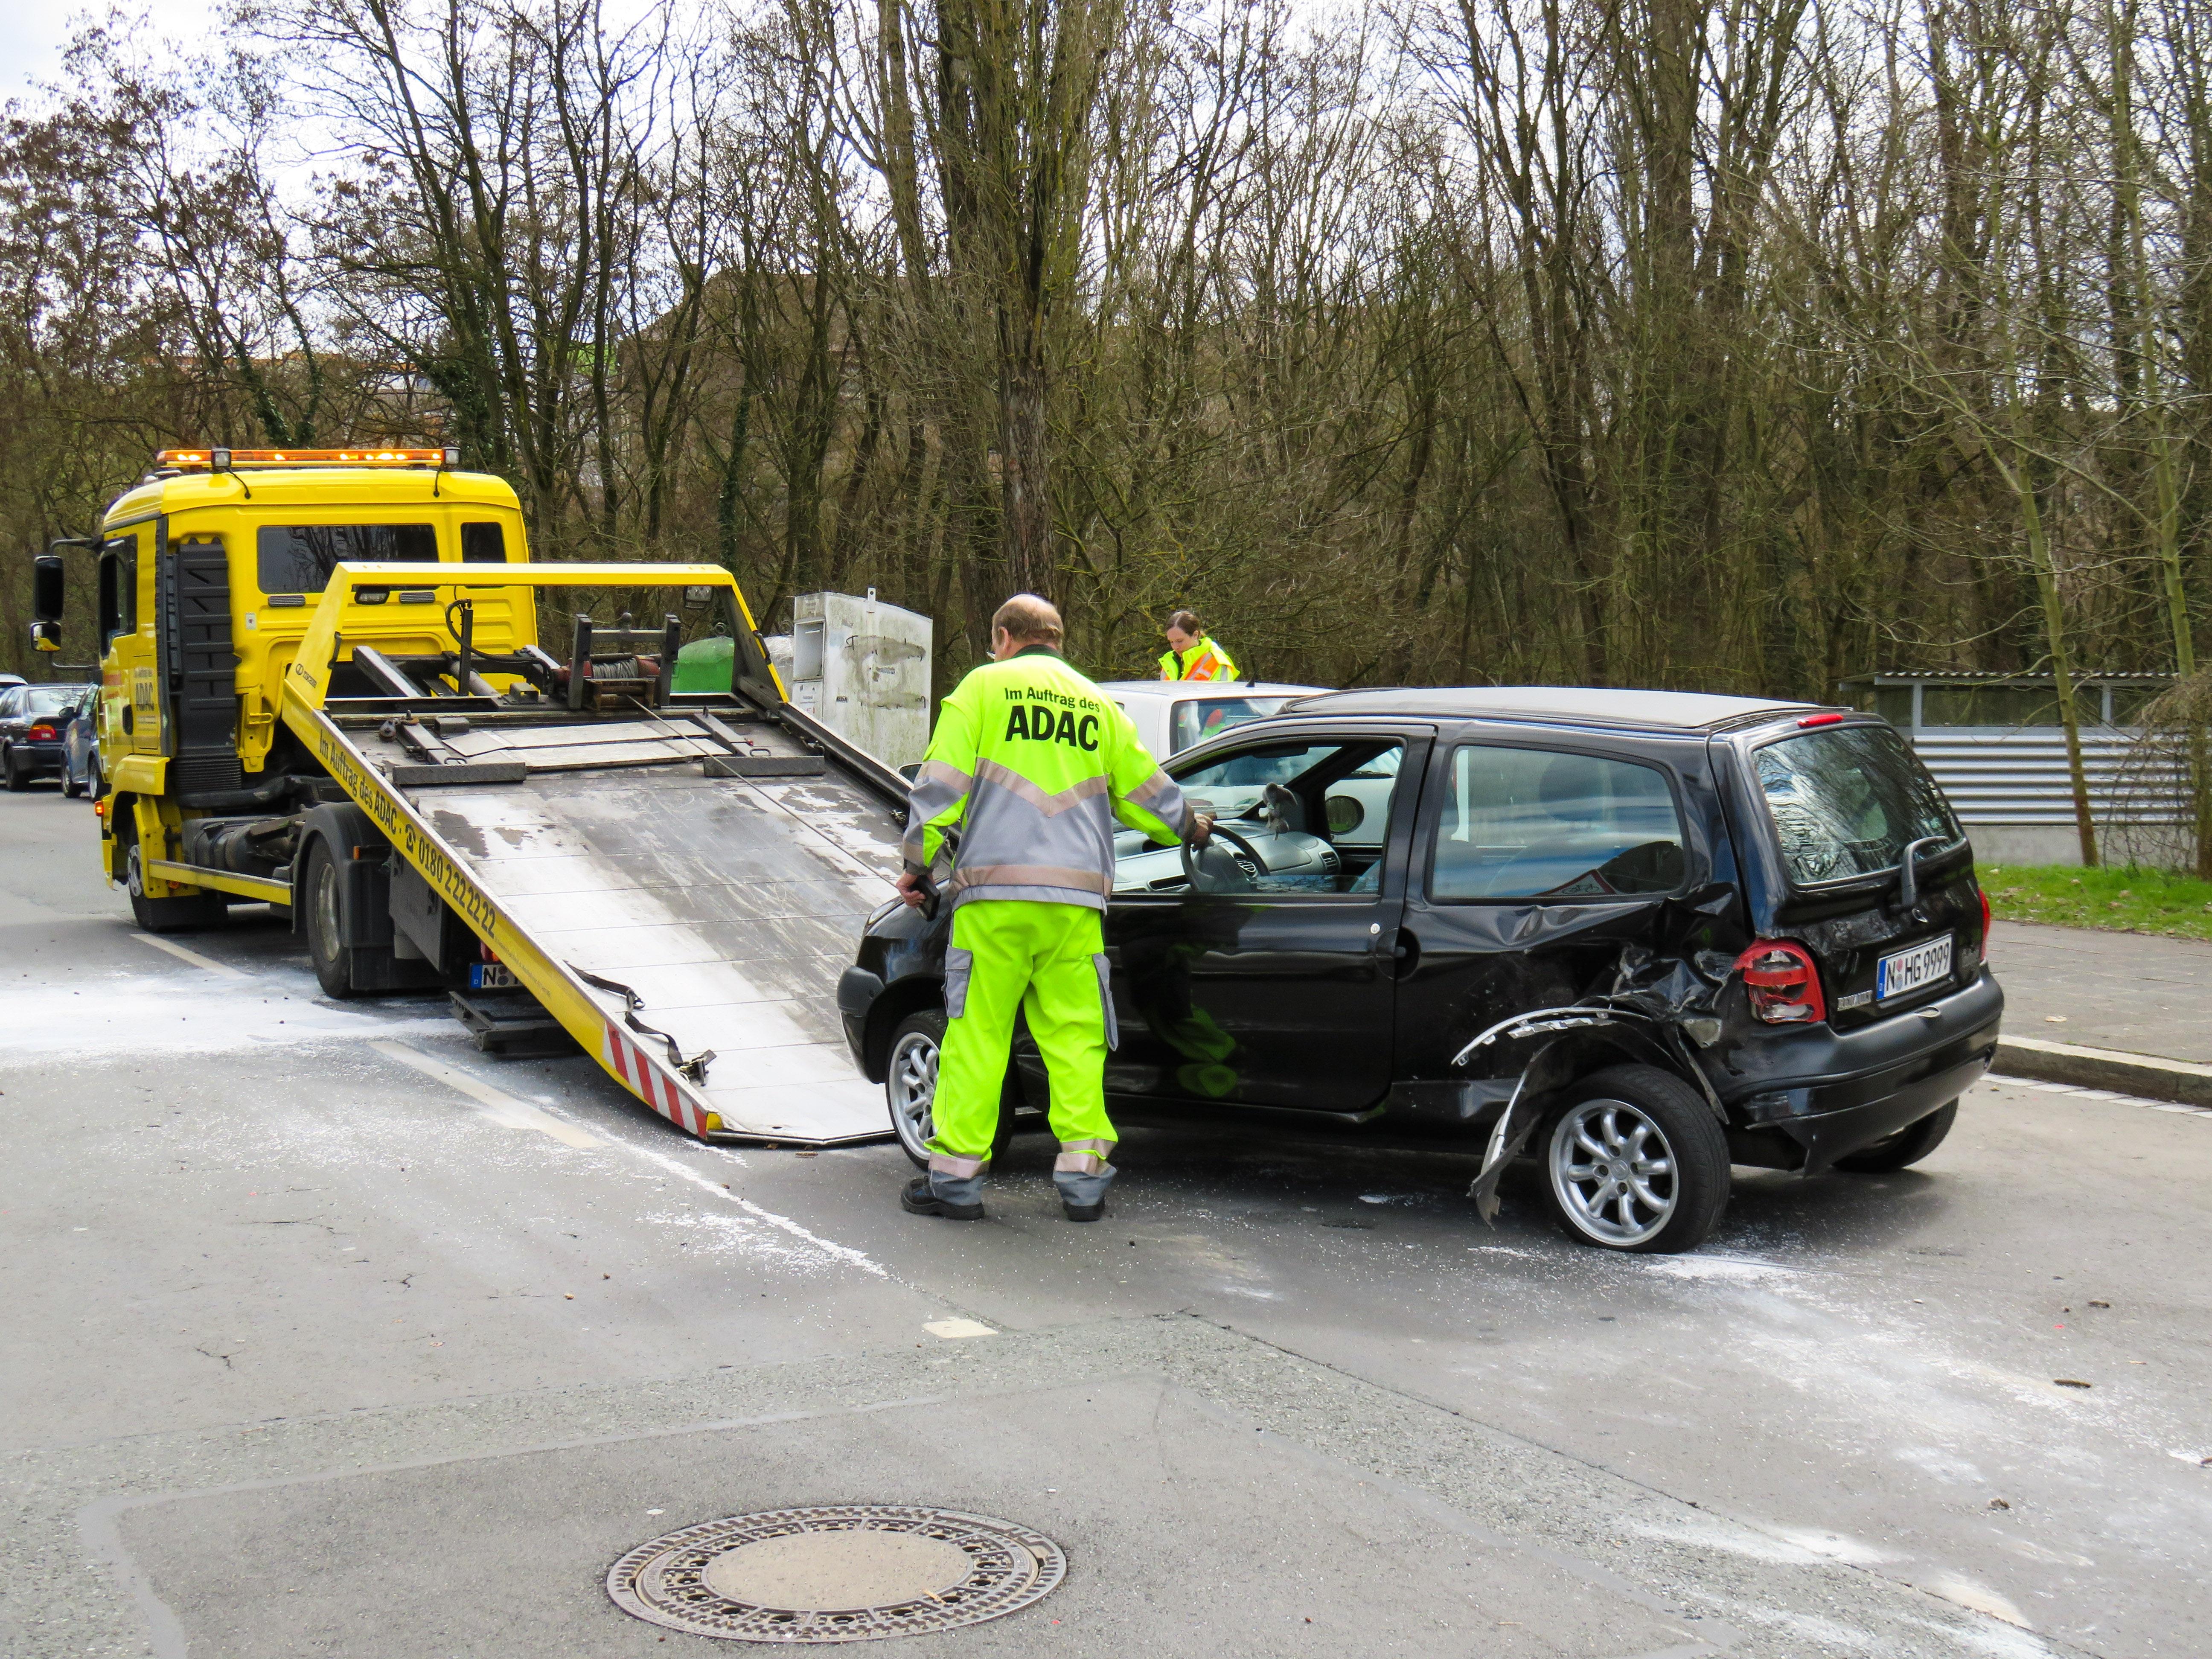 Free Images : road, workshop, asphalt, transport, broken, help ...